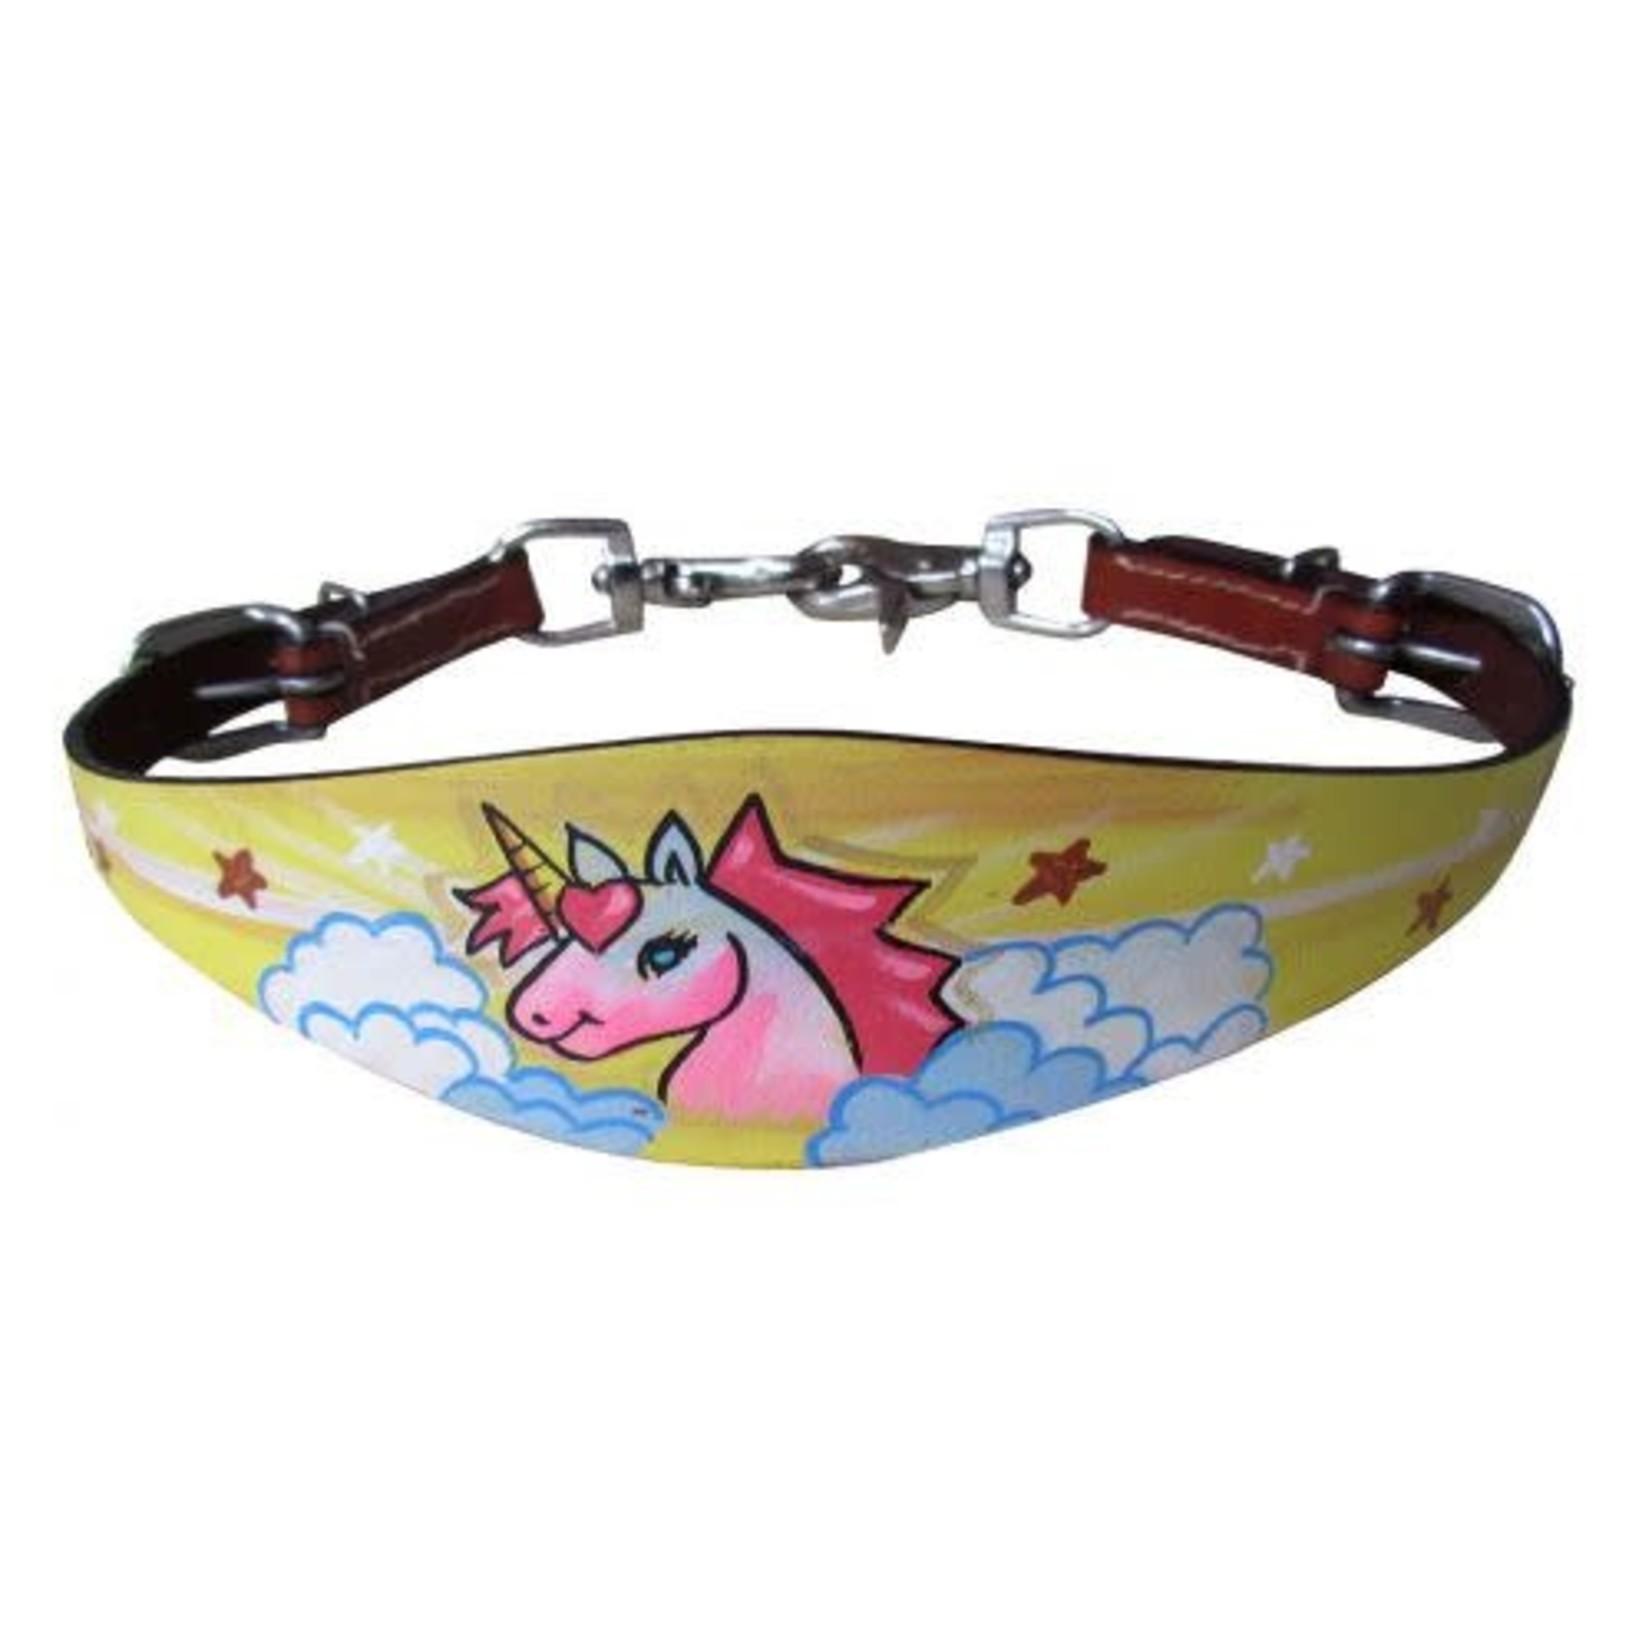 PONY SIZE Unicorn Wither Strap